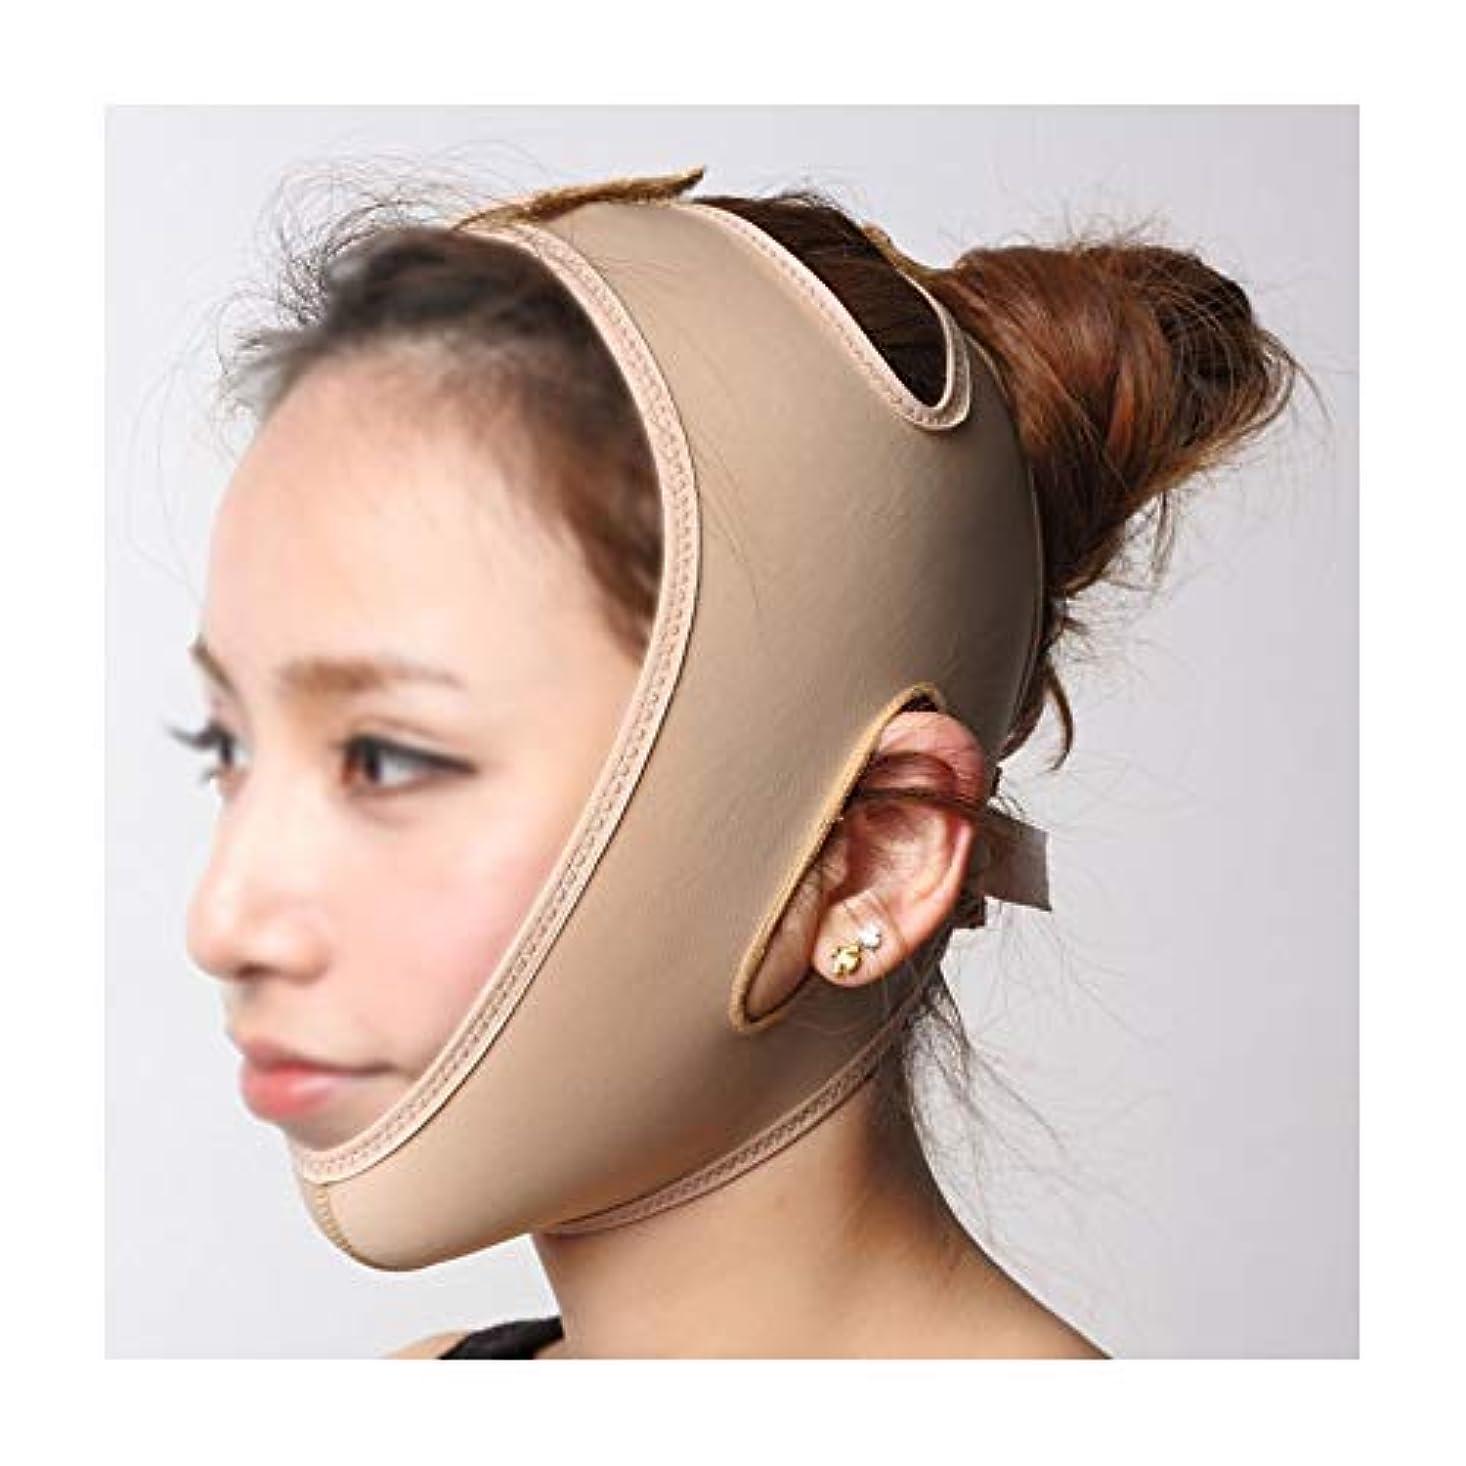 鼓舞する疲労調査ファーミングフェイスマスク、スリーピングシンフェイス包帯シンフェイスマスクフェイスリフティングフェイスメロンフェイスVフェイスリフティングファーミングダブルチンビューティツール(サイズ:S)